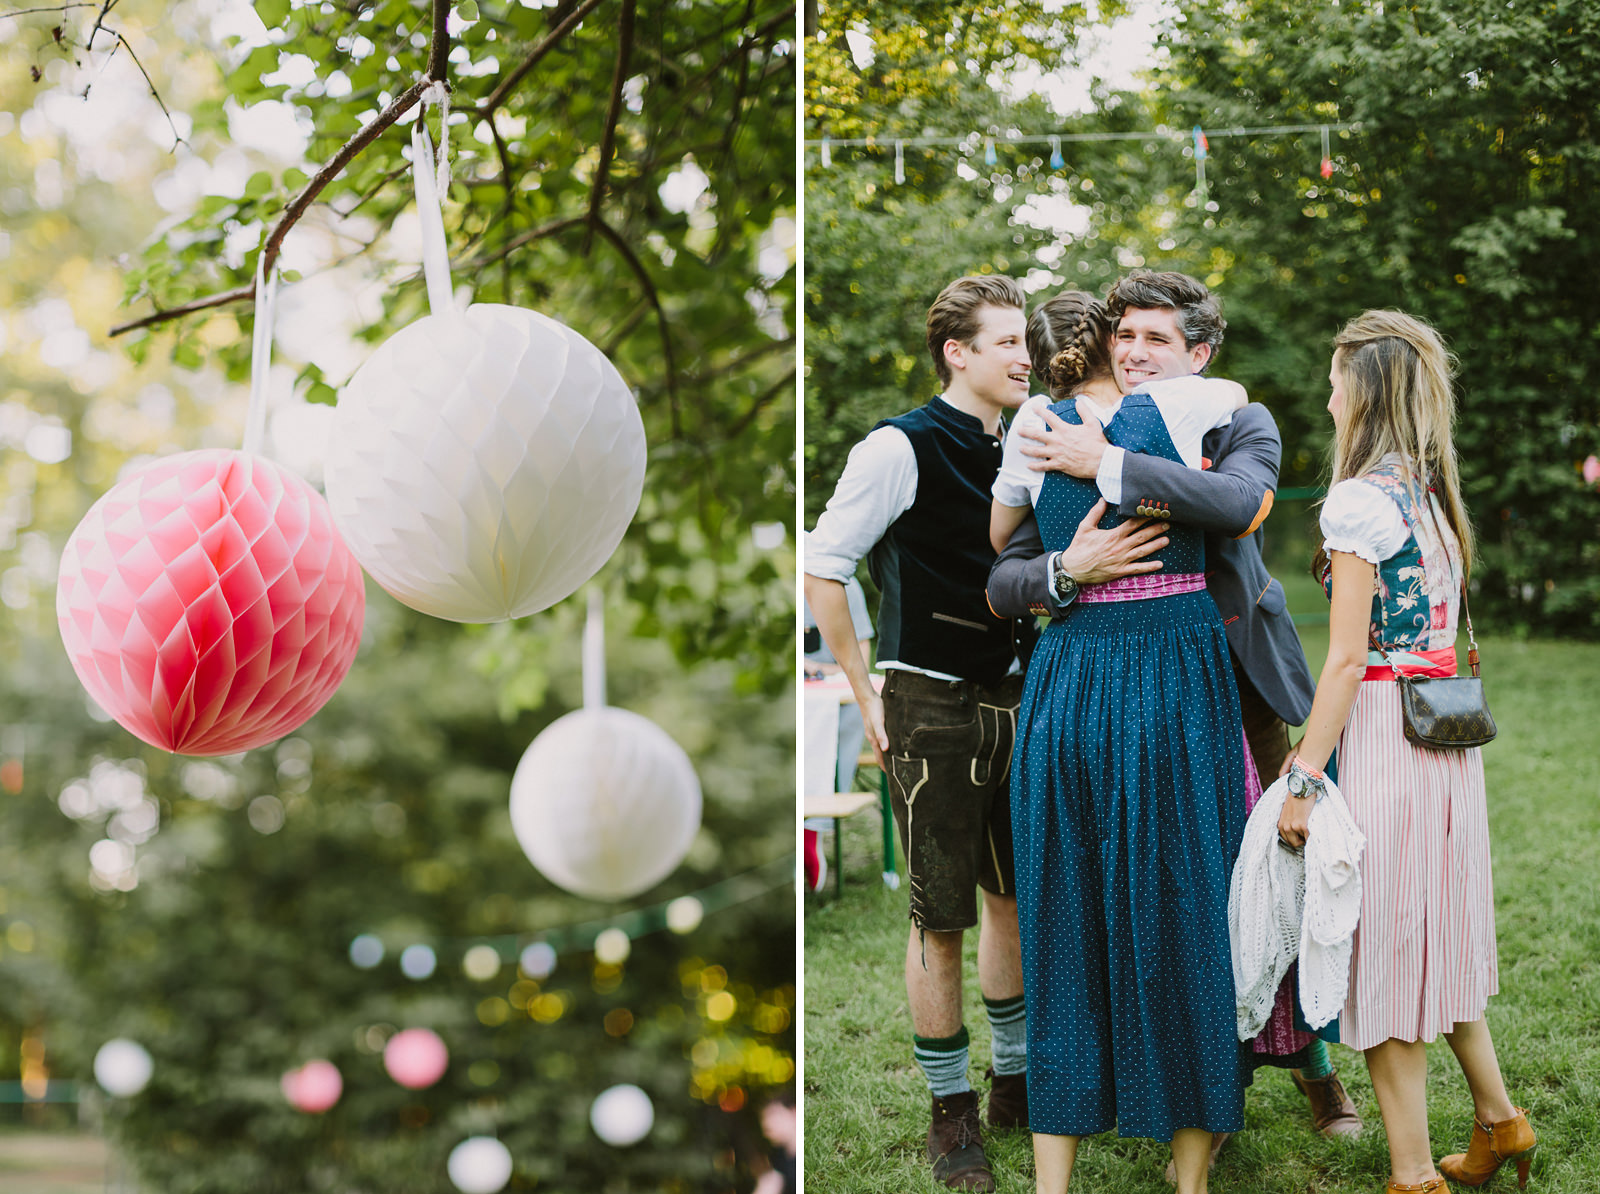 munich wedding get together